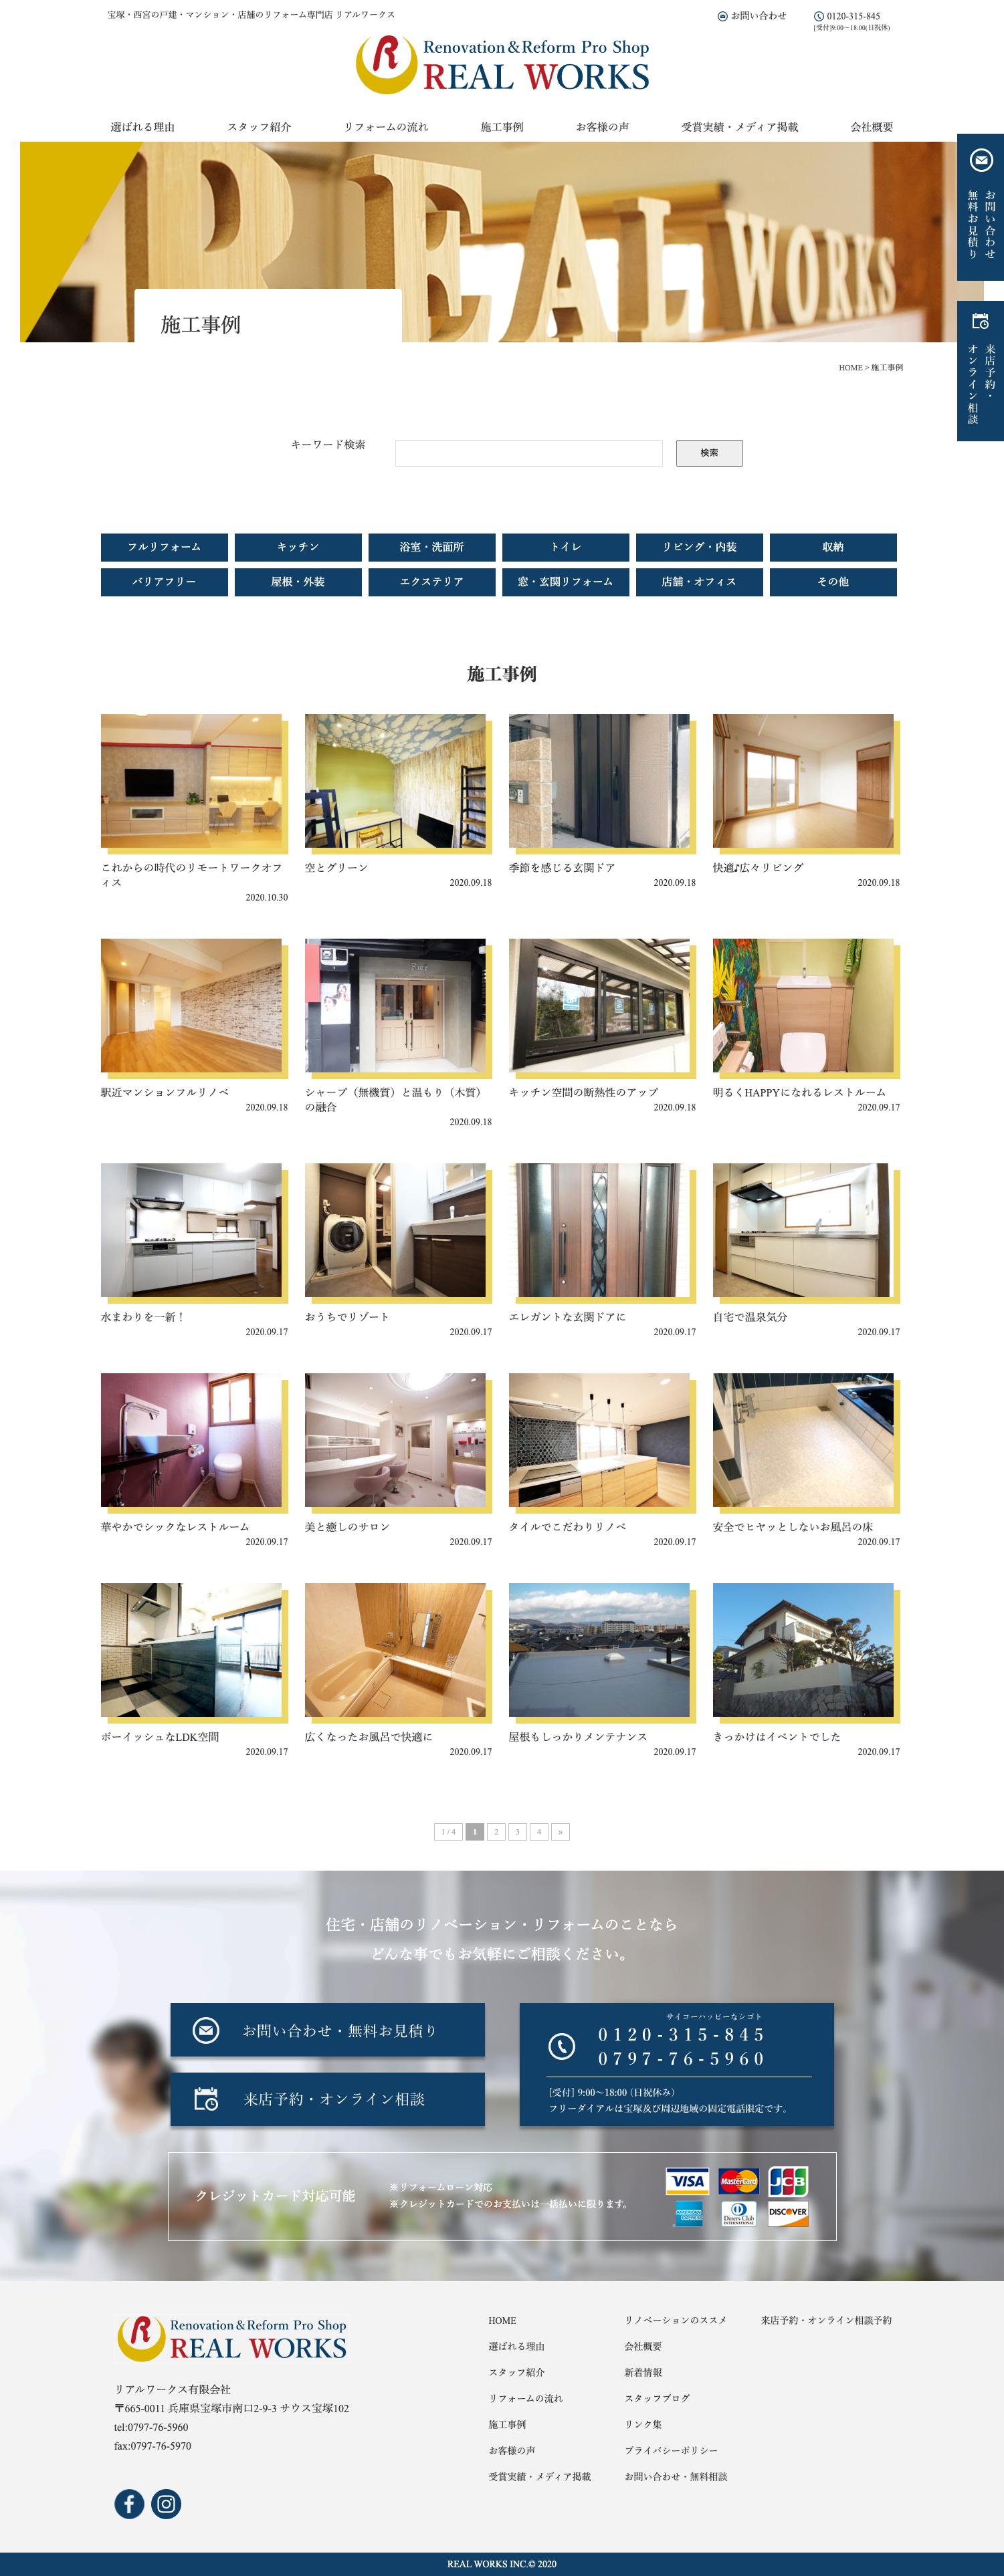 下層ページの画像